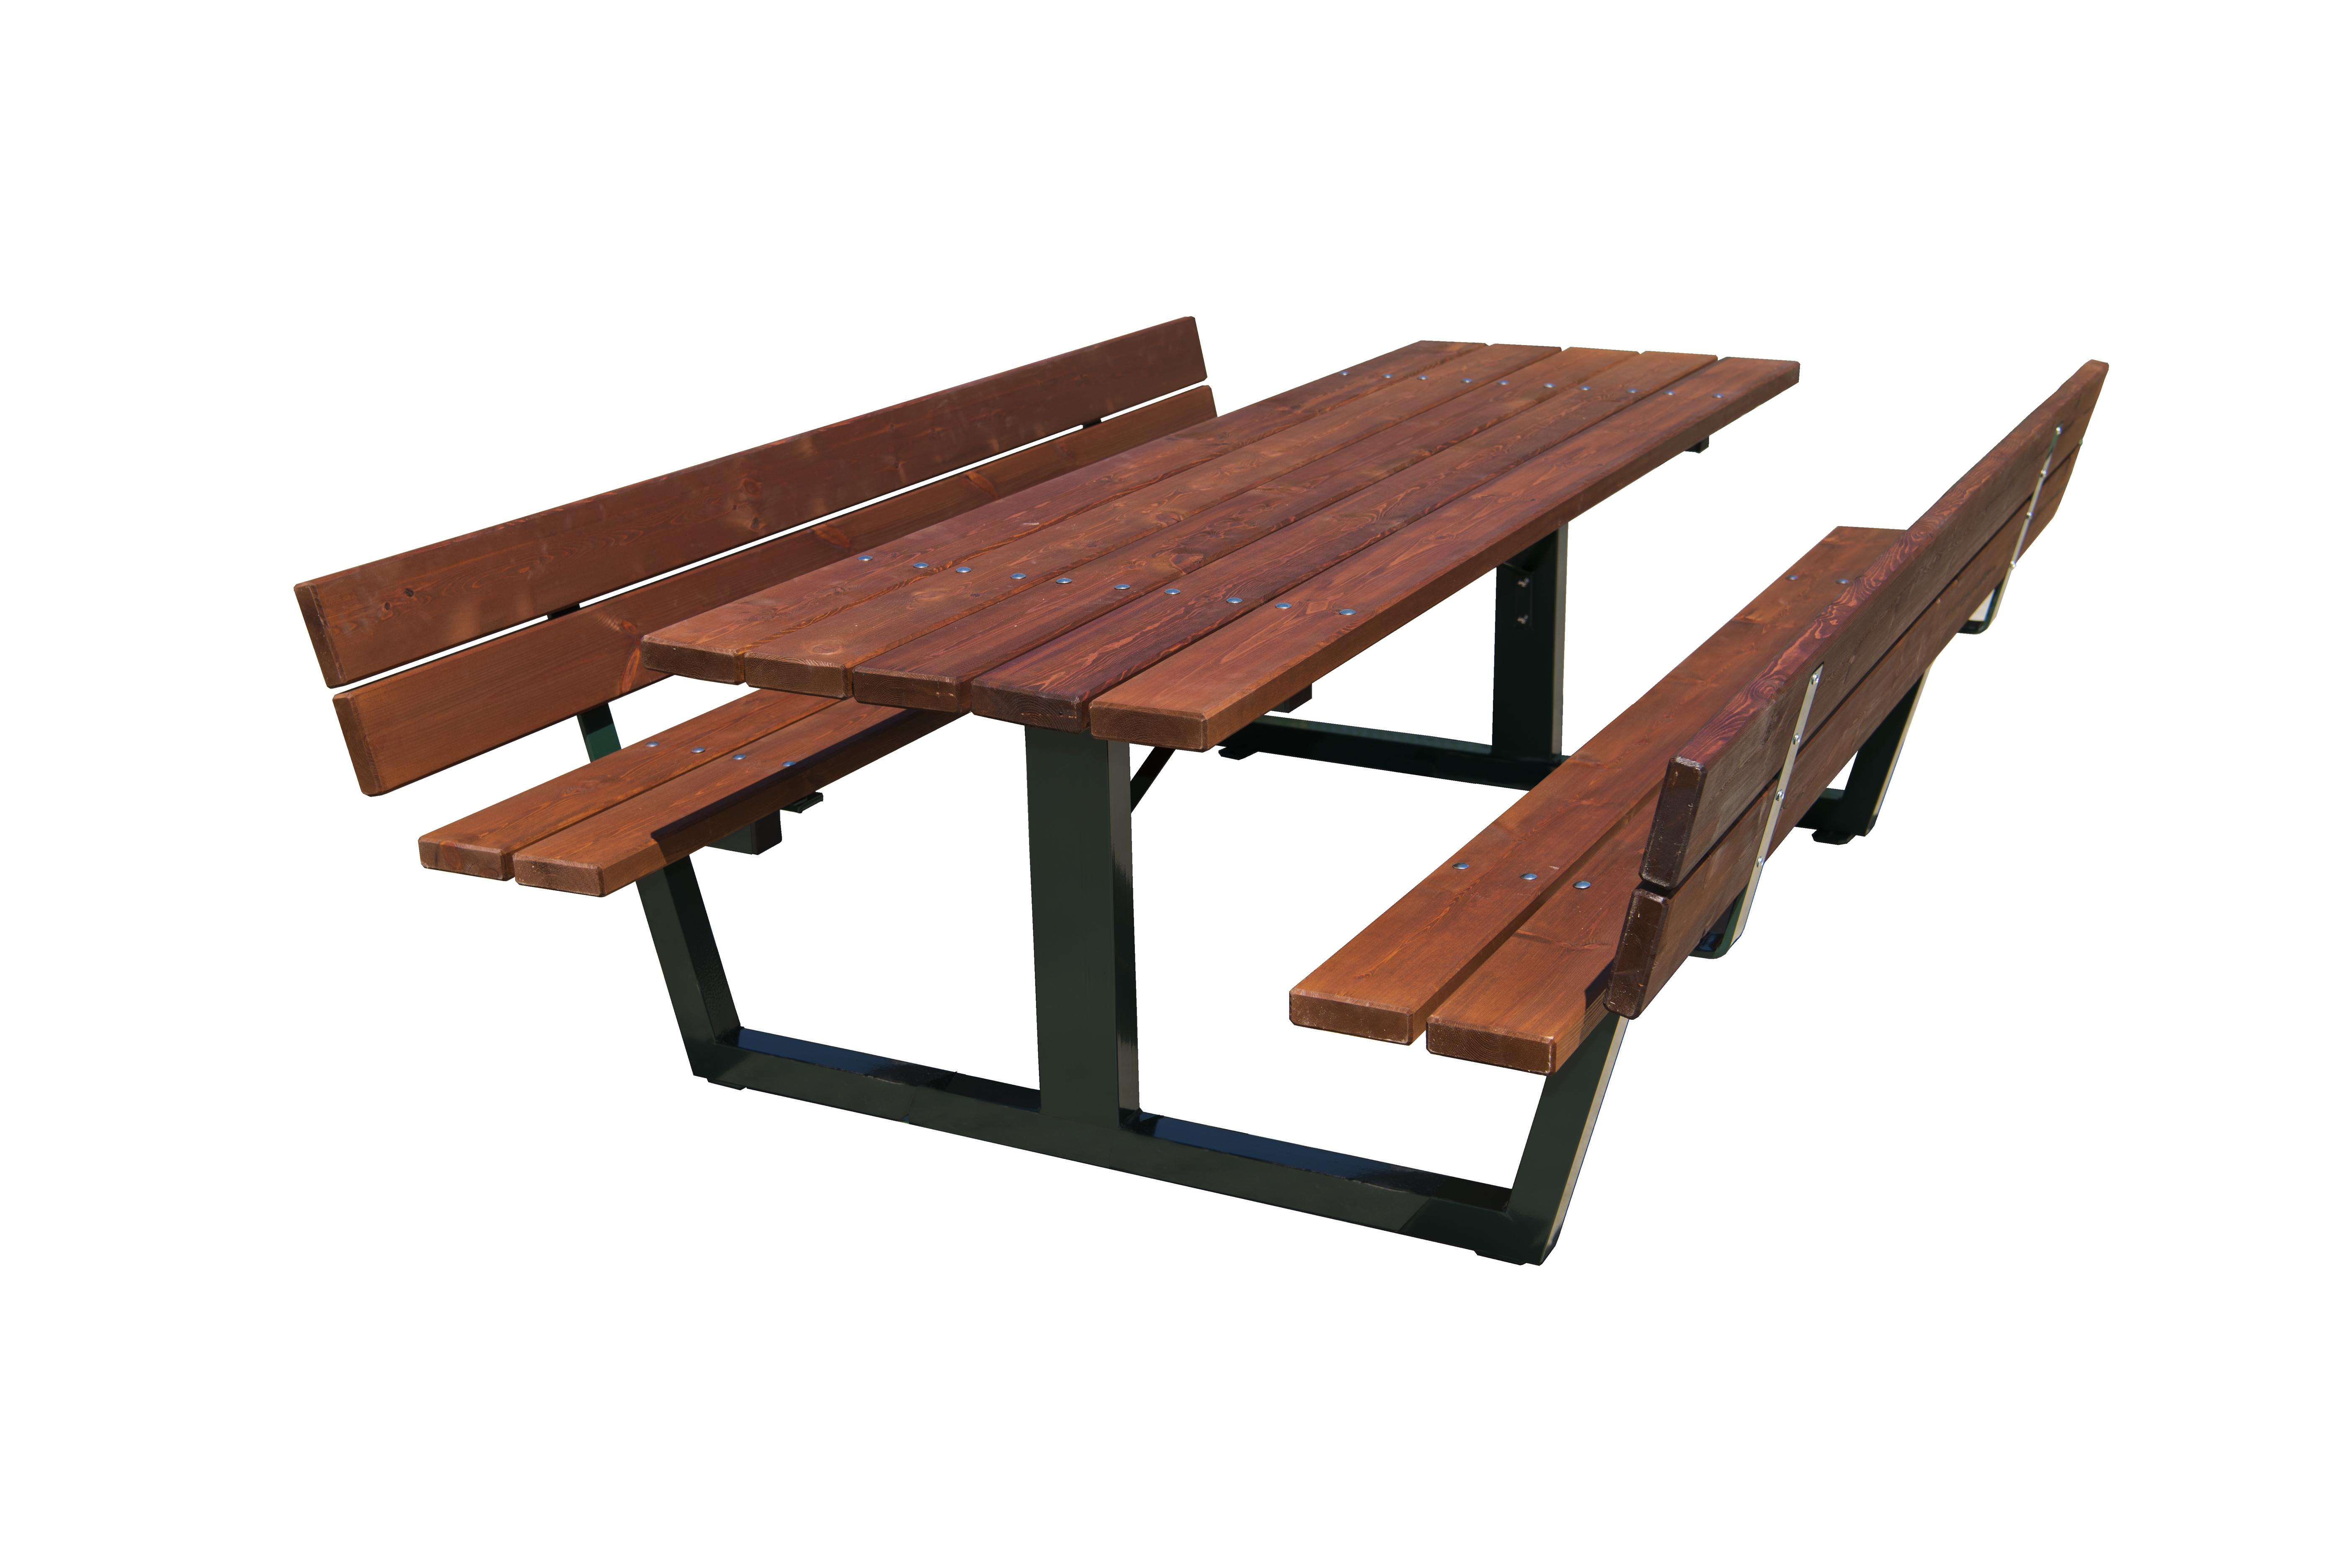 Mesas de madera exterior mesa baja de forja hecha de for Mesas de madera para exterior